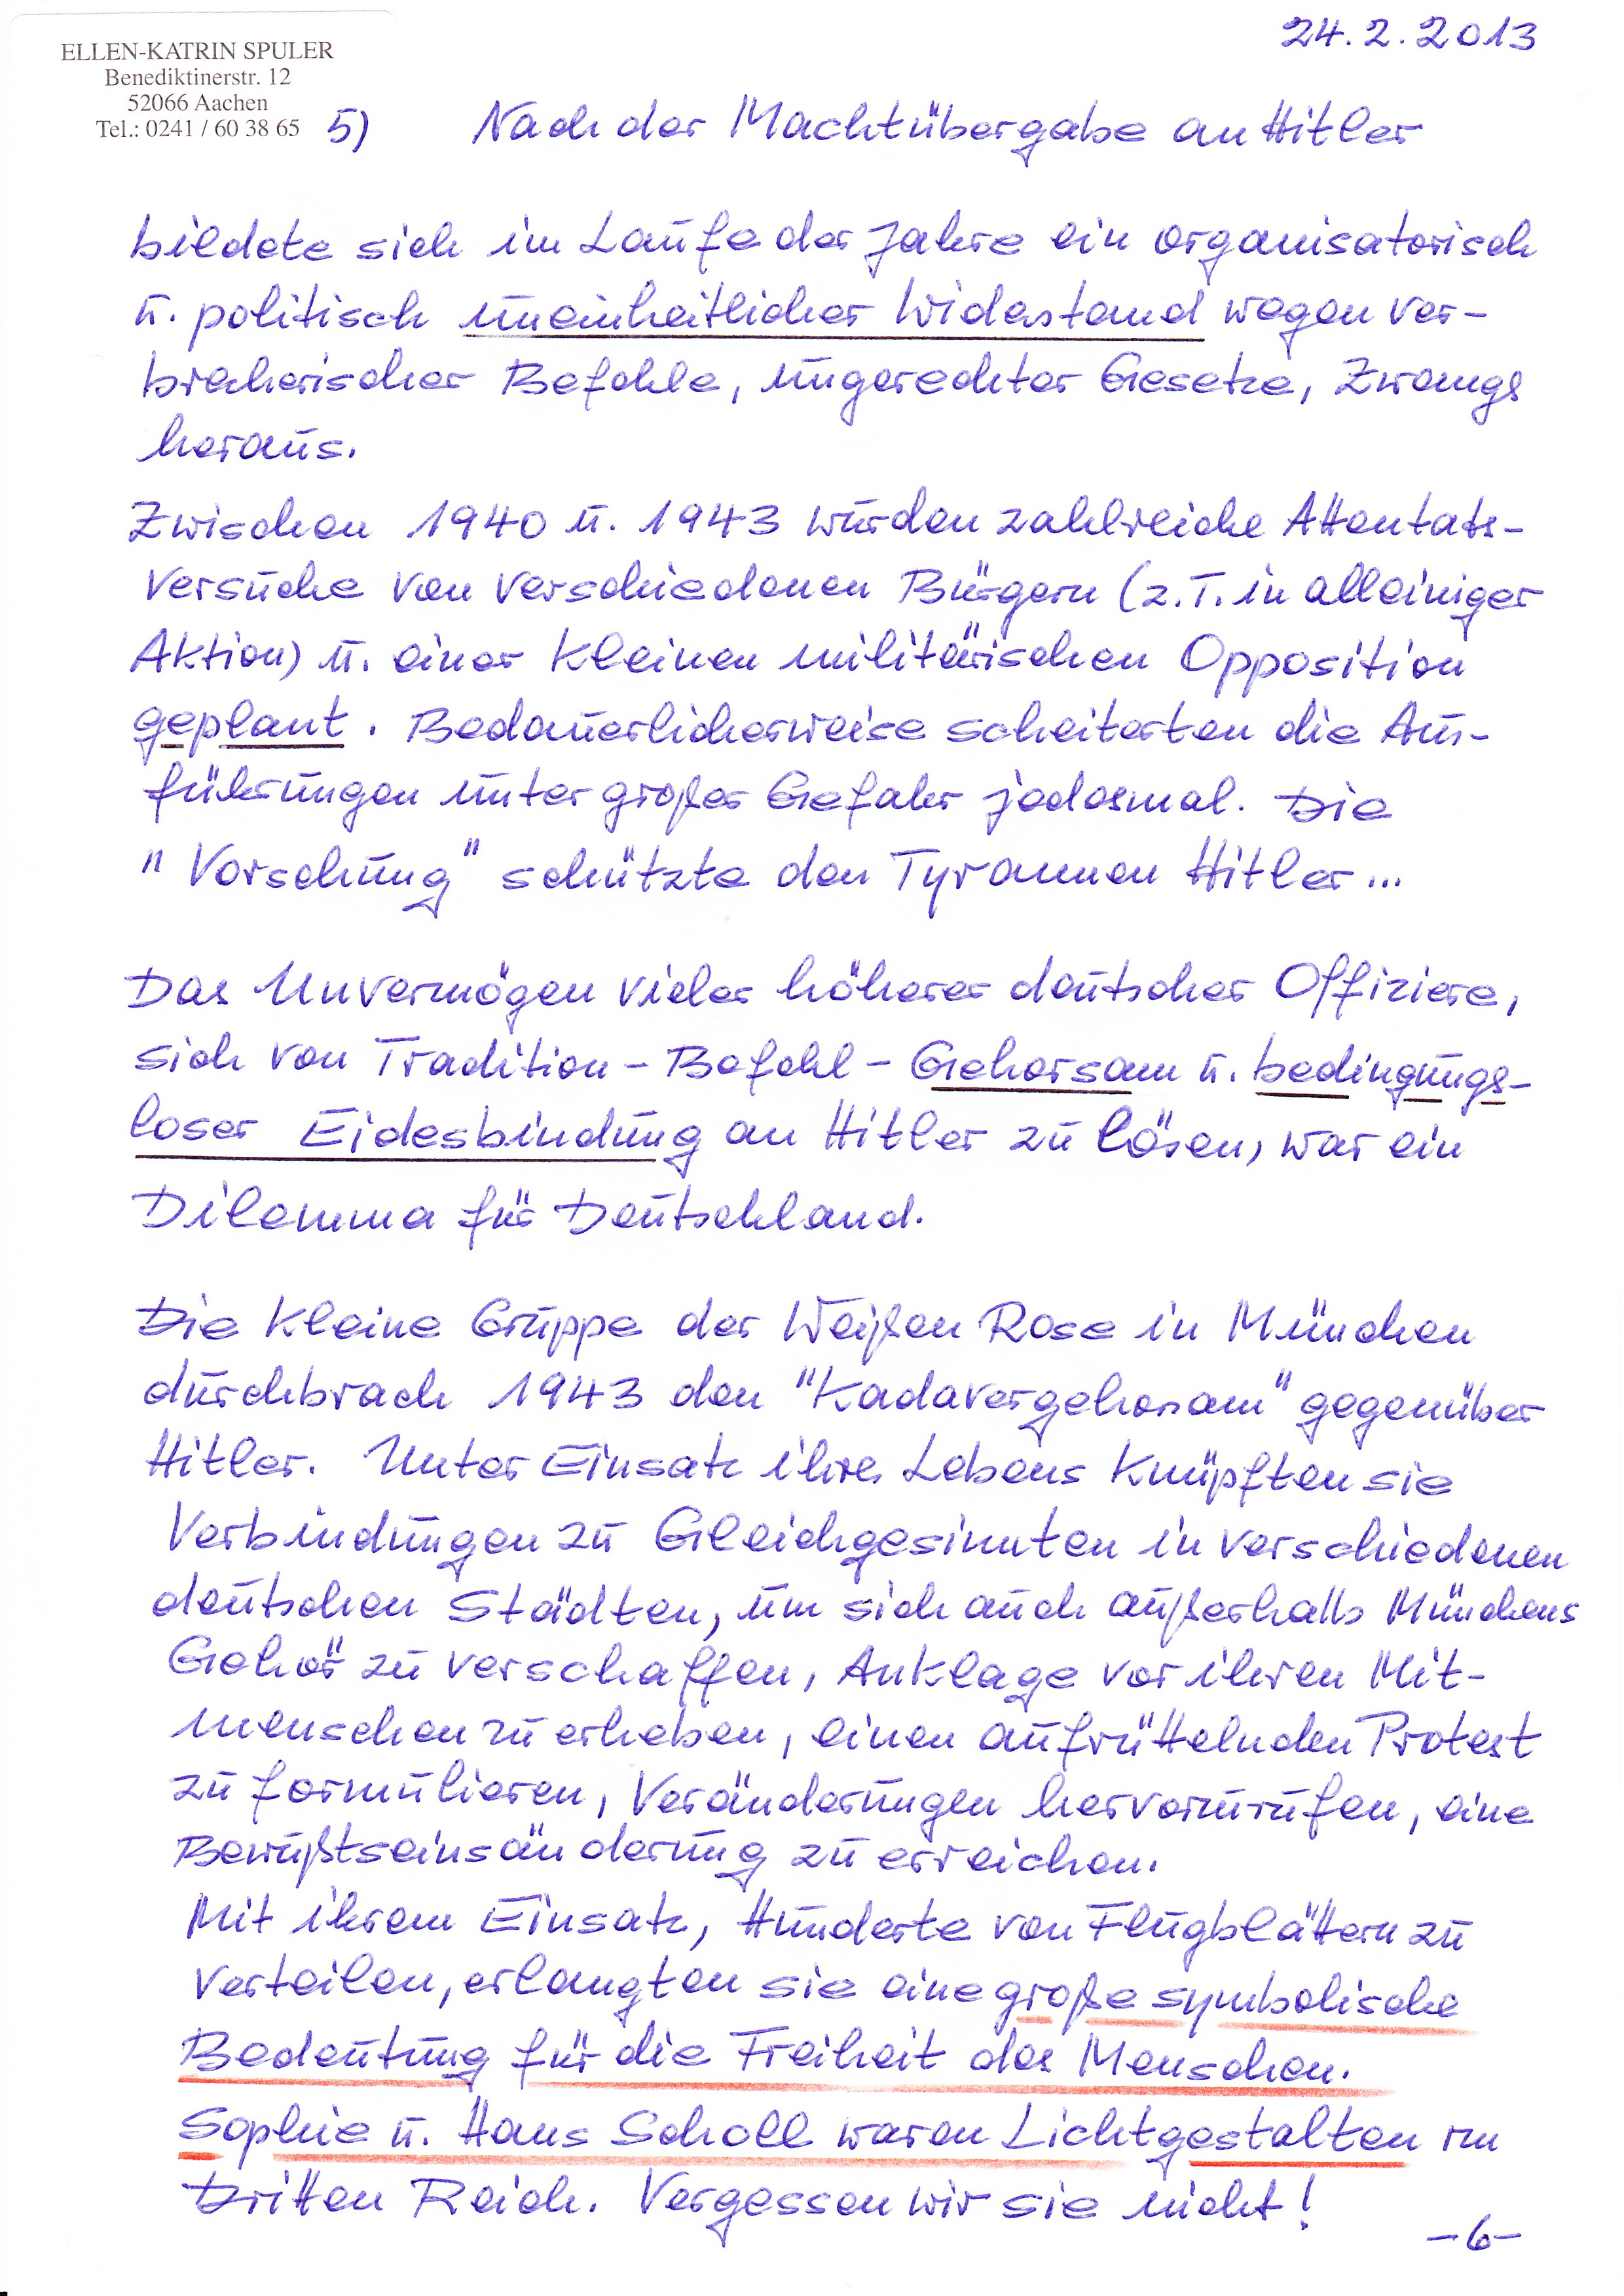 Briefe Schreiben Unterrichtsmaterial Klasse 5 : Zivilcourage lohnt sich ein persönlicher brief